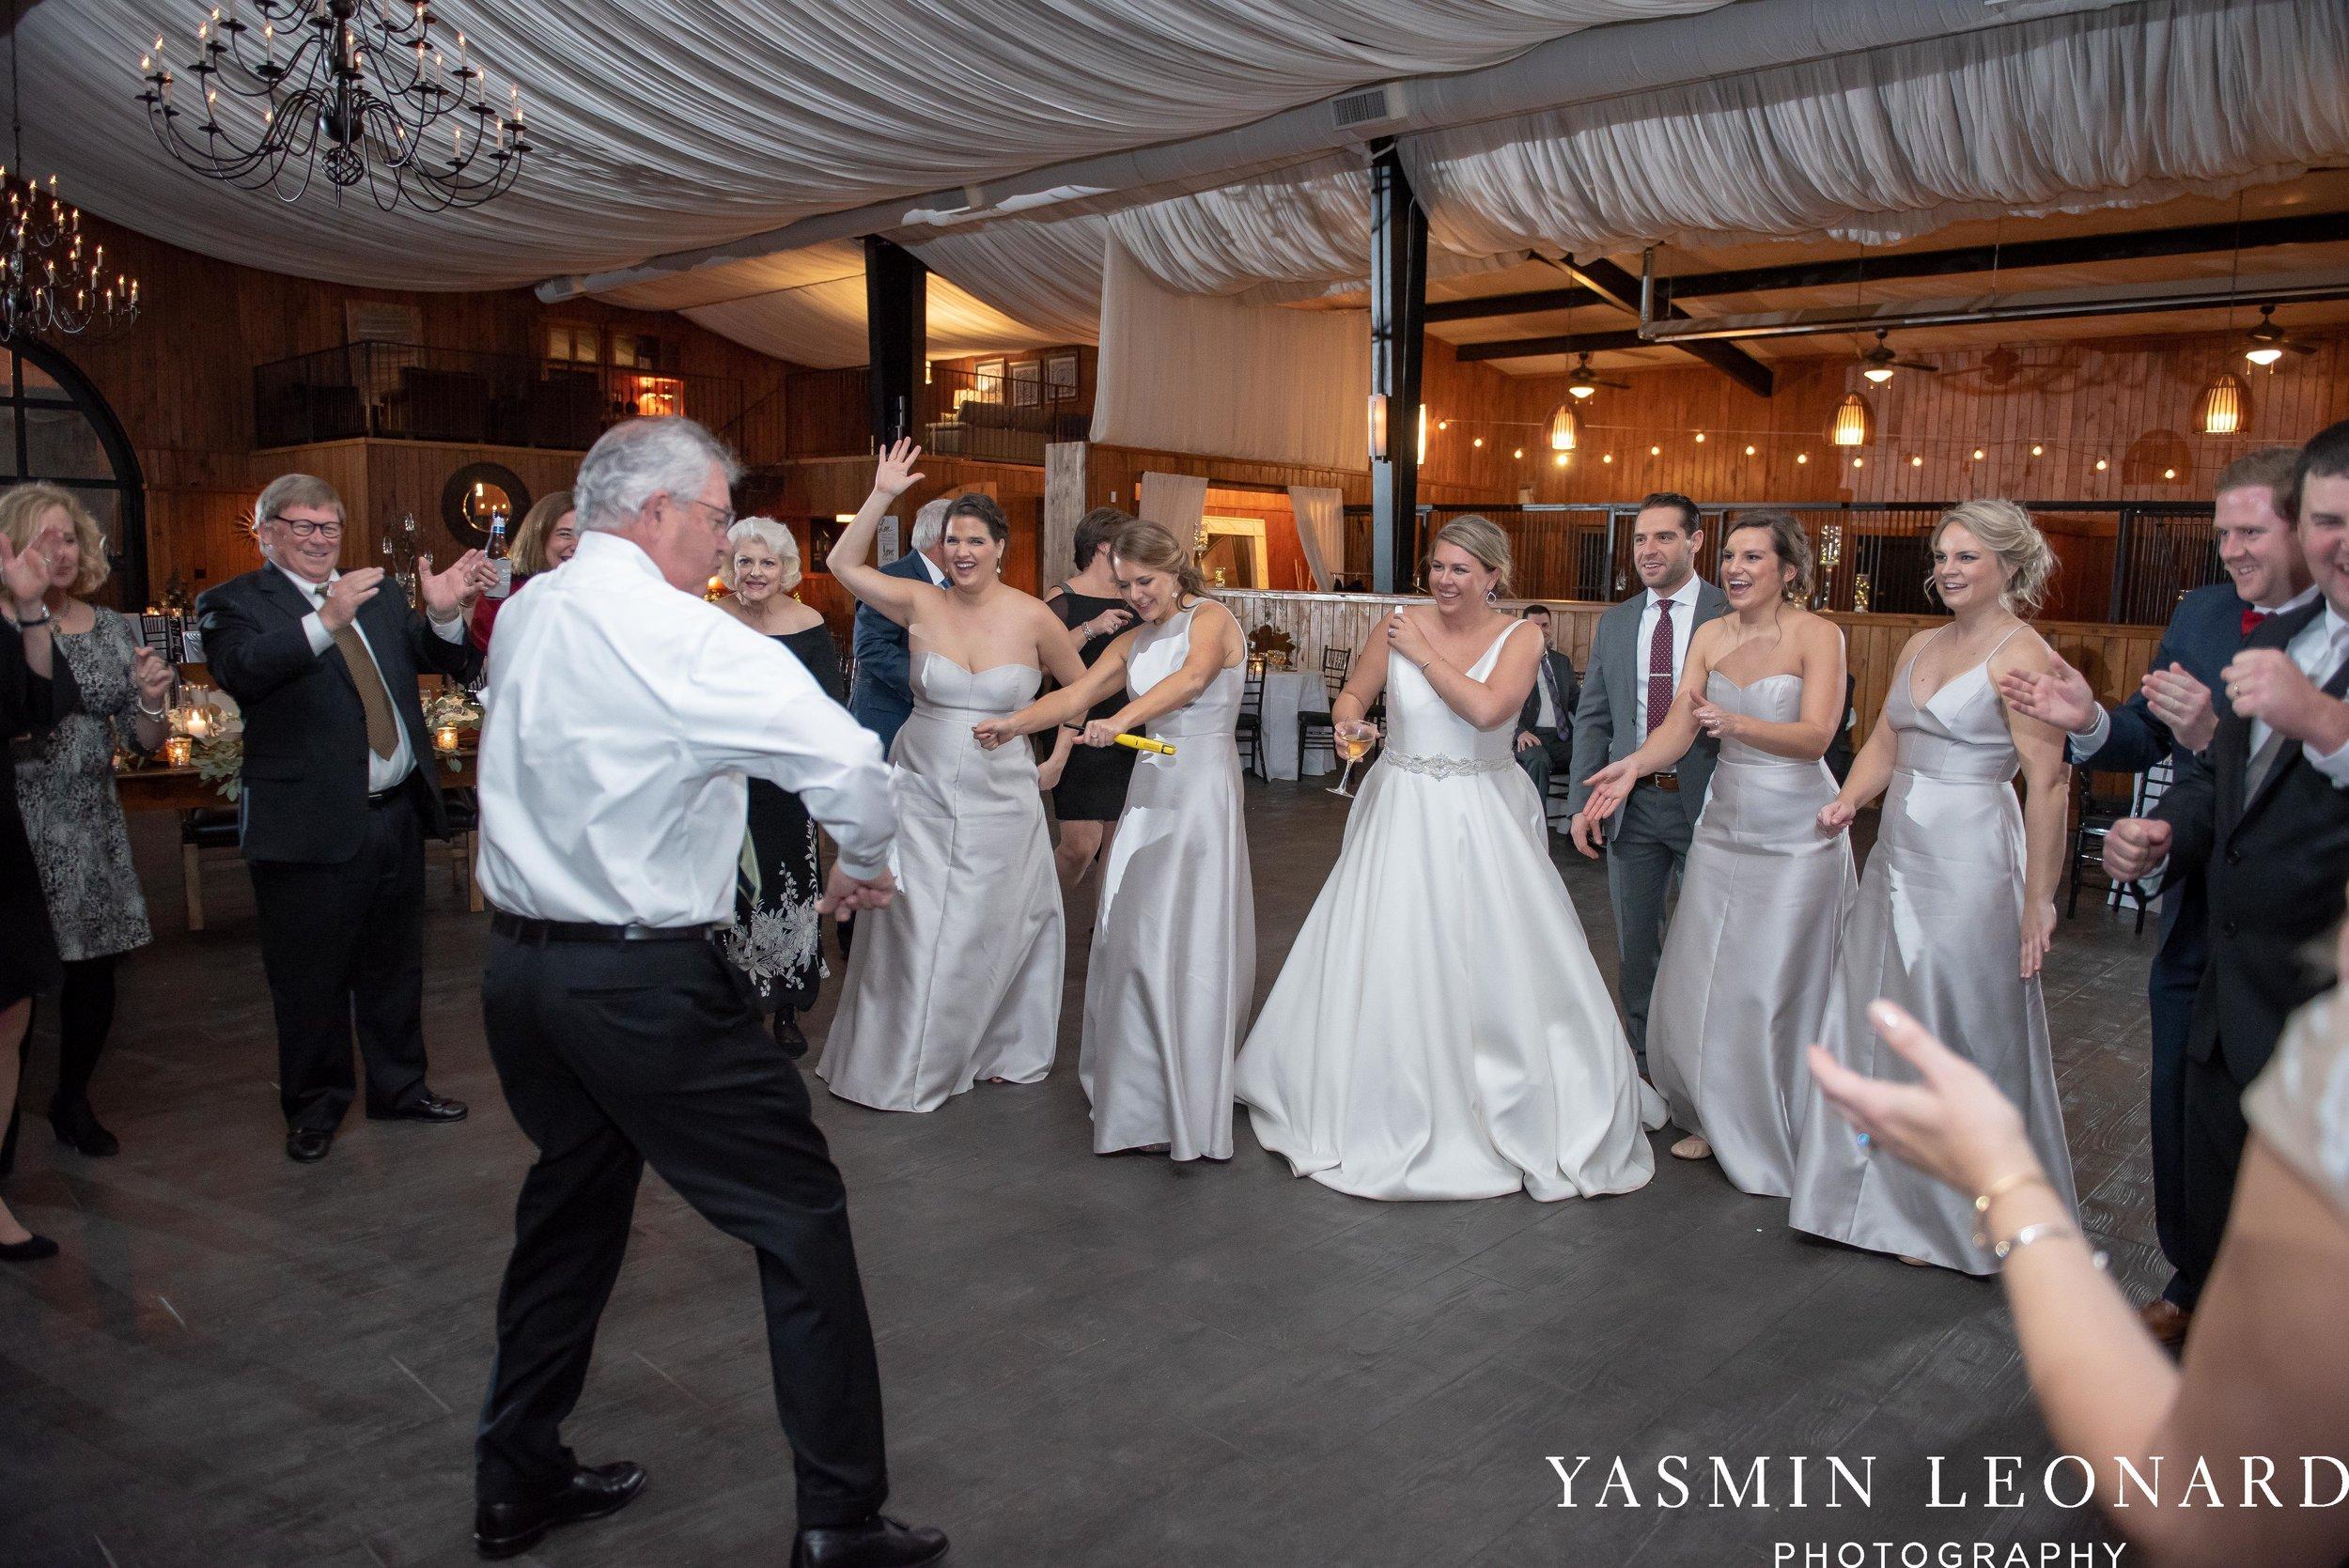 Adaumont Farm - Wesley Memorial Weddings - High Point Weddings - Just Priceless - NC Wedding Photographer - Yasmin Leonard Photography - High Point Wedding Vendors-71.jpg